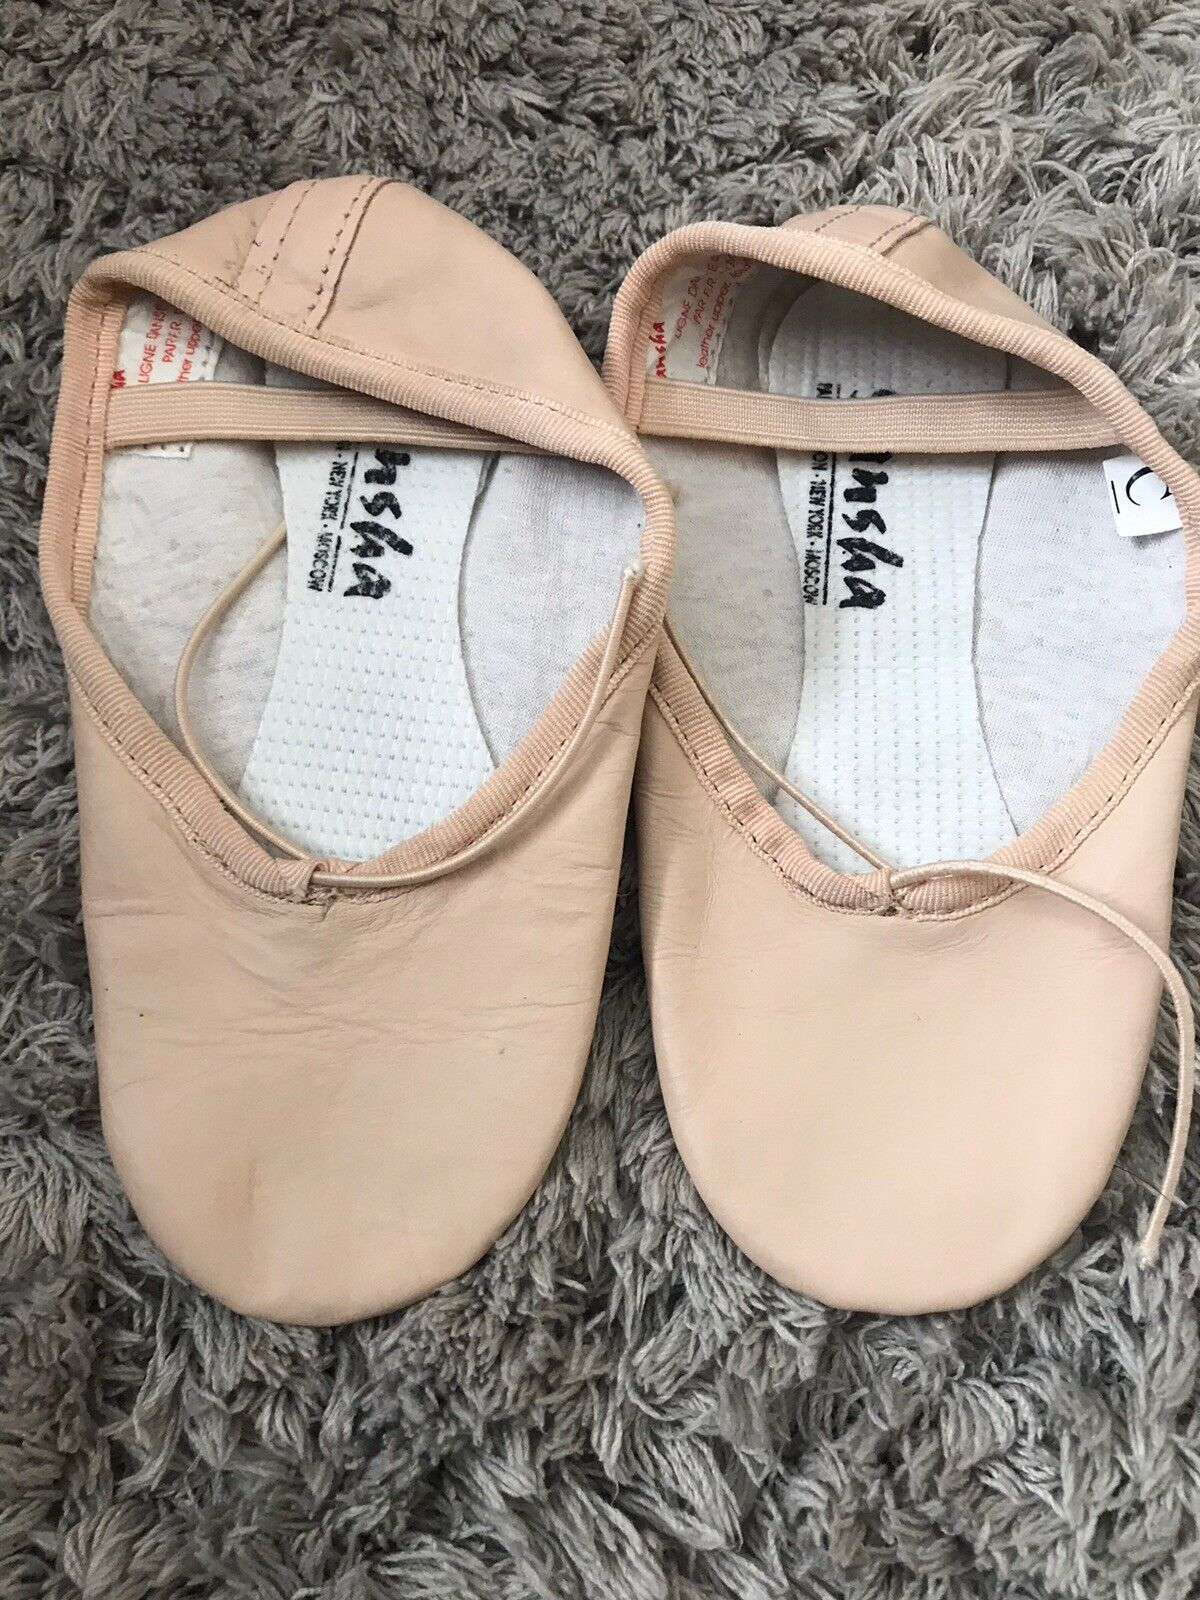 Sansha Leather Split Sole Pink Ballet Shoe Child Size 10 & 15cm Sole